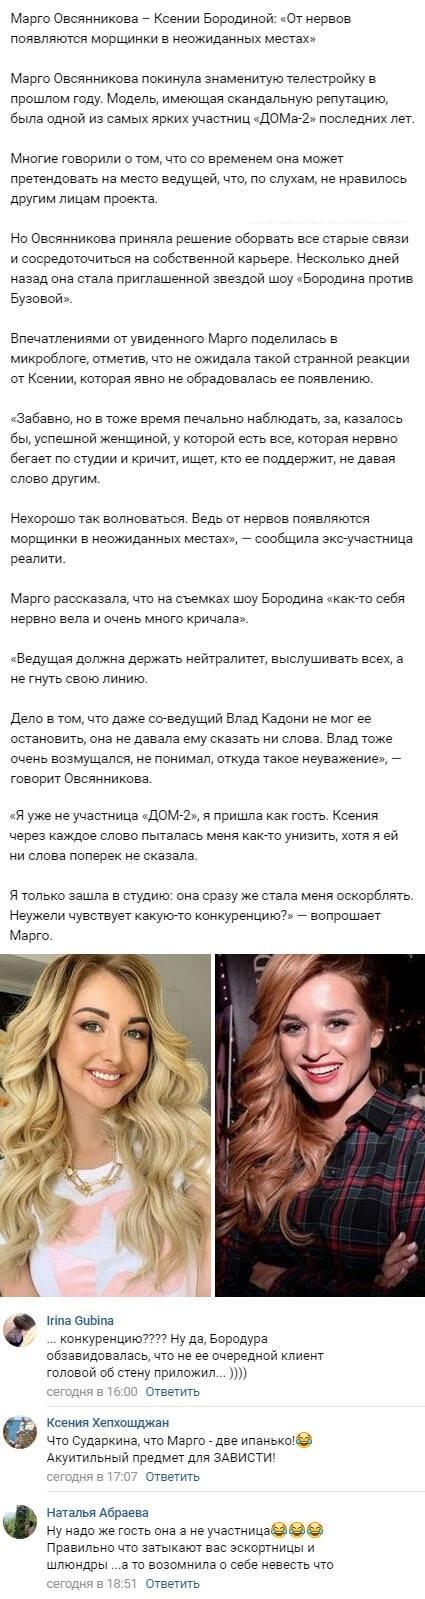 Маргарита Овсянникова раскрыла мерзкое поведение Ксении Бородиной